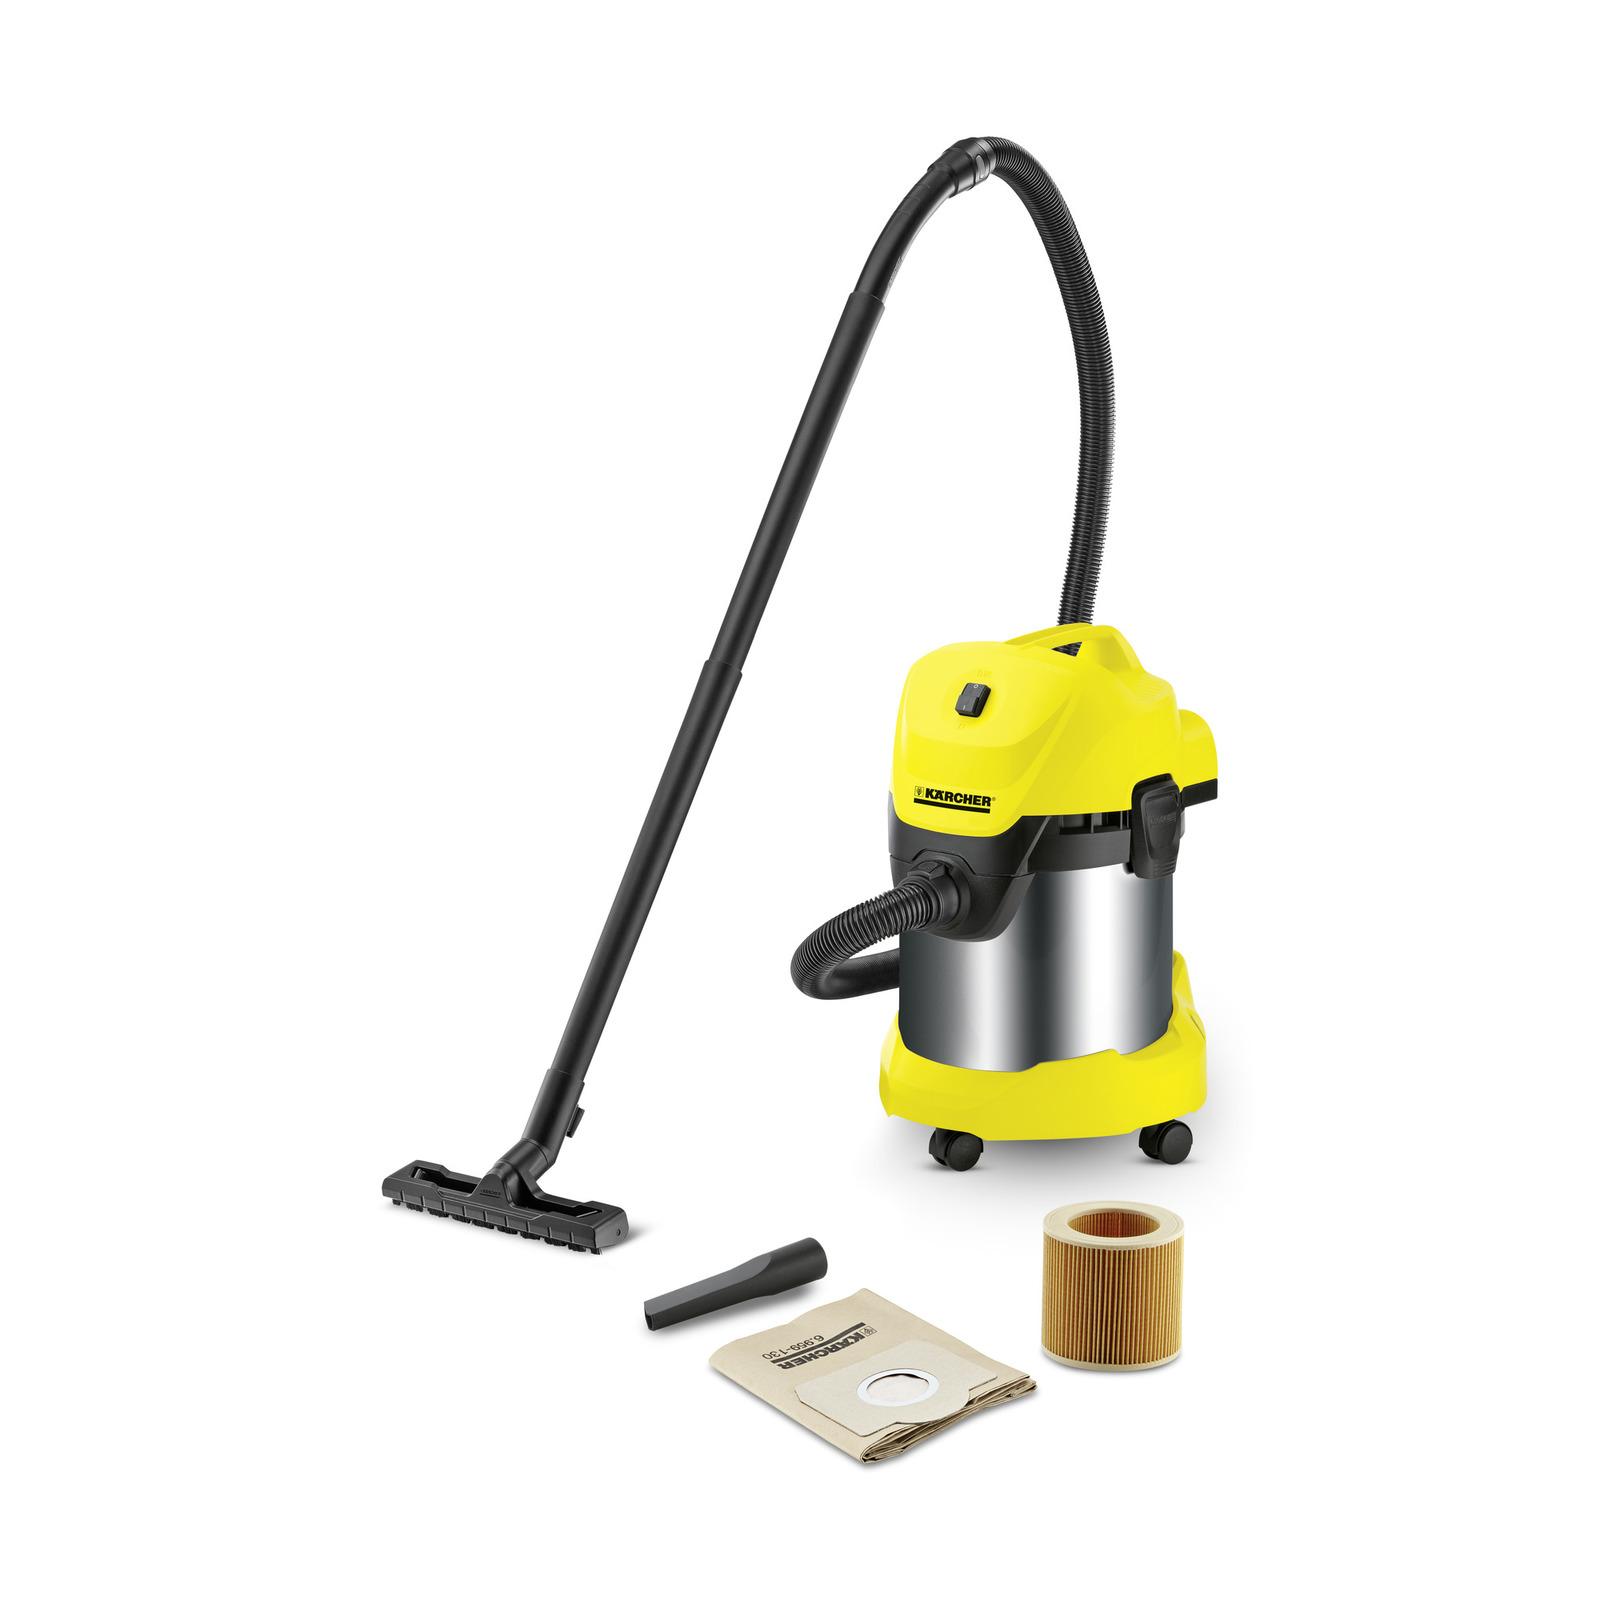 KARCHER 1.629-846.0 - WD3 Premium Multi-Purpose Vacuum Cleaner